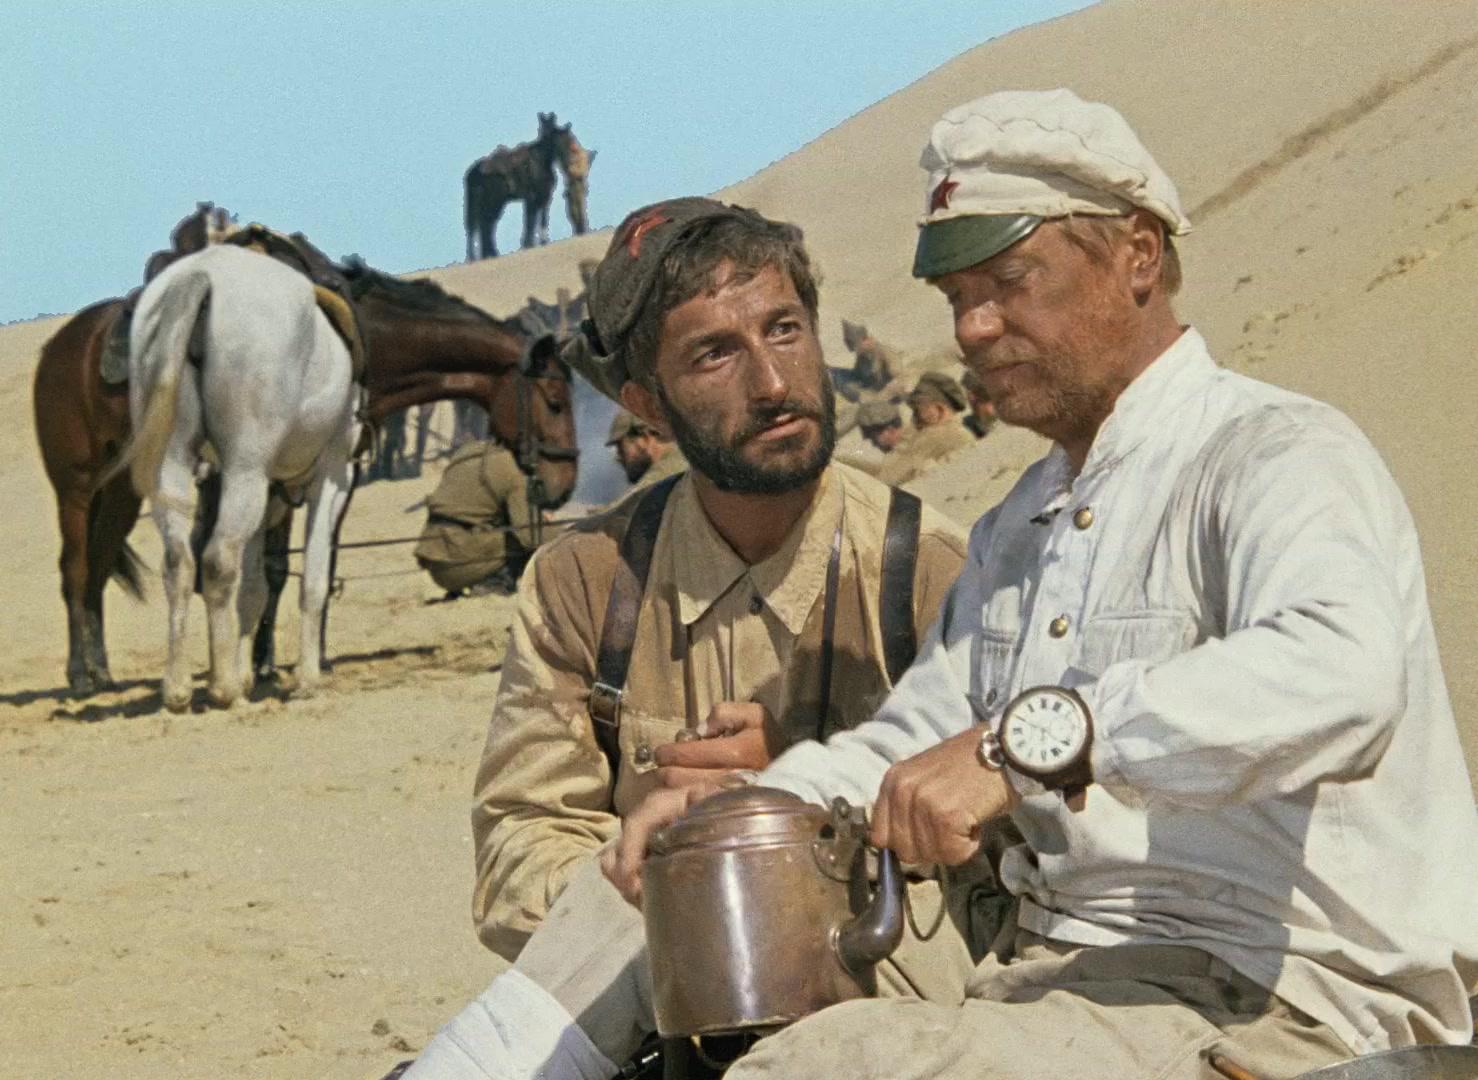 White.Sun.Of.The.Desert.1969.1080p.Blu-Ray.FLAC.DTS.mkv_20140324_084945.229.jpg